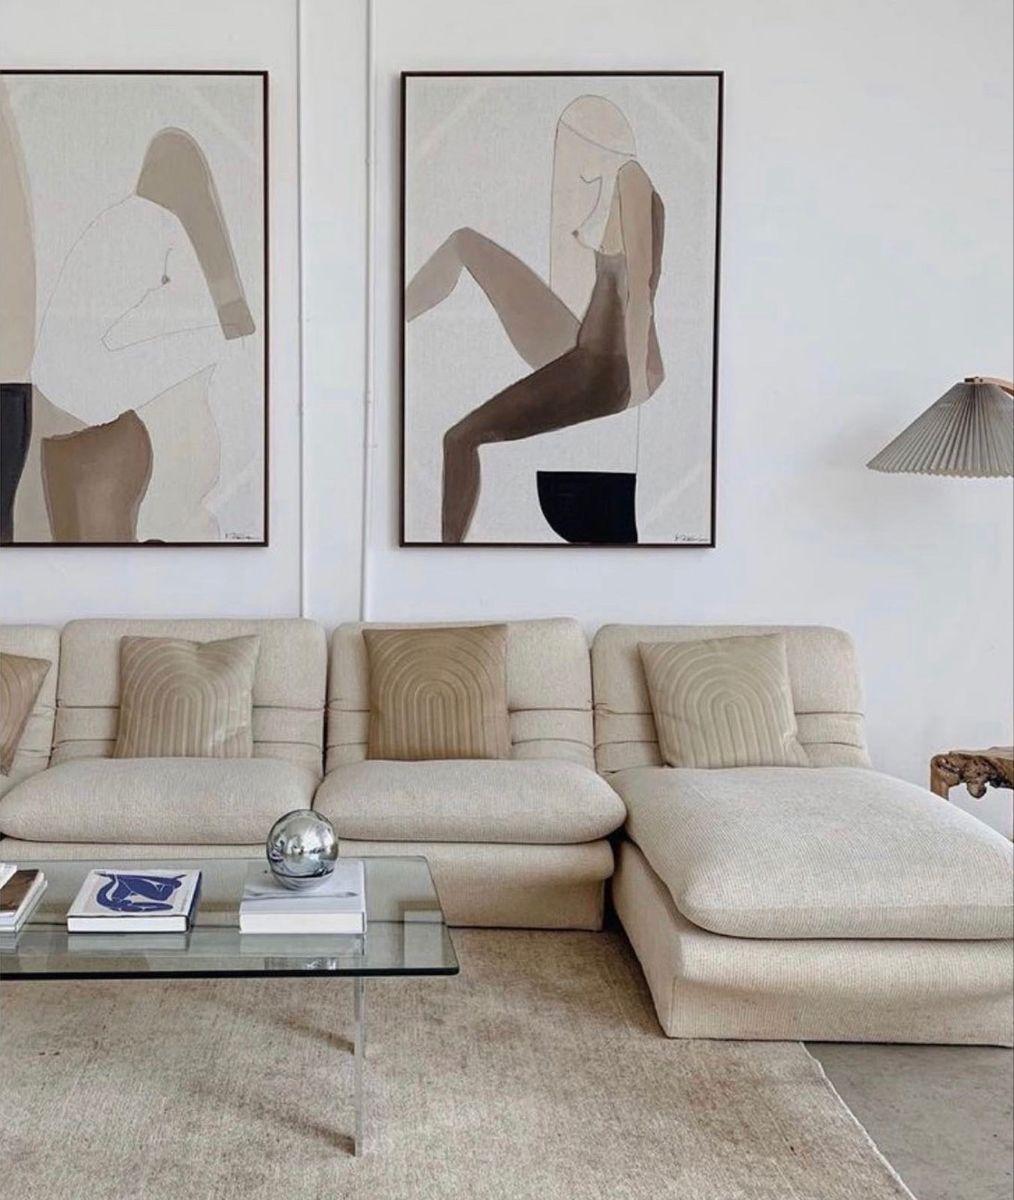 Interior Design Ideas For A Living Room Interior Design In Apartment Interior Design Course Portfolio Of Inter In 2020 Minimalism Interior Interior Design Interior